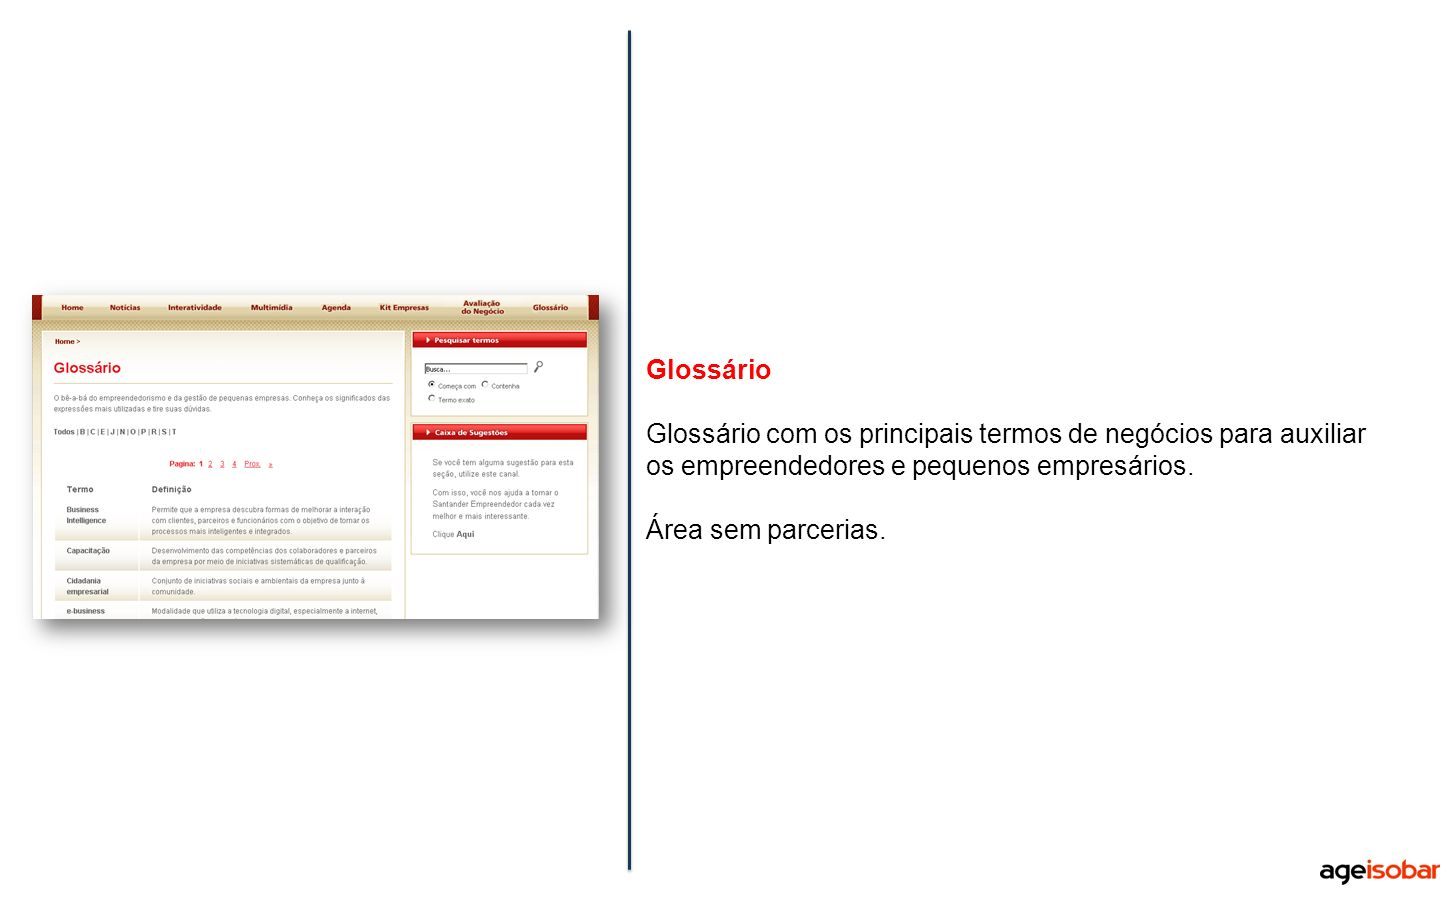 Glossário Glossário com os principais termos de negócios para auxiliar os empreendedores e pequenos empresários.